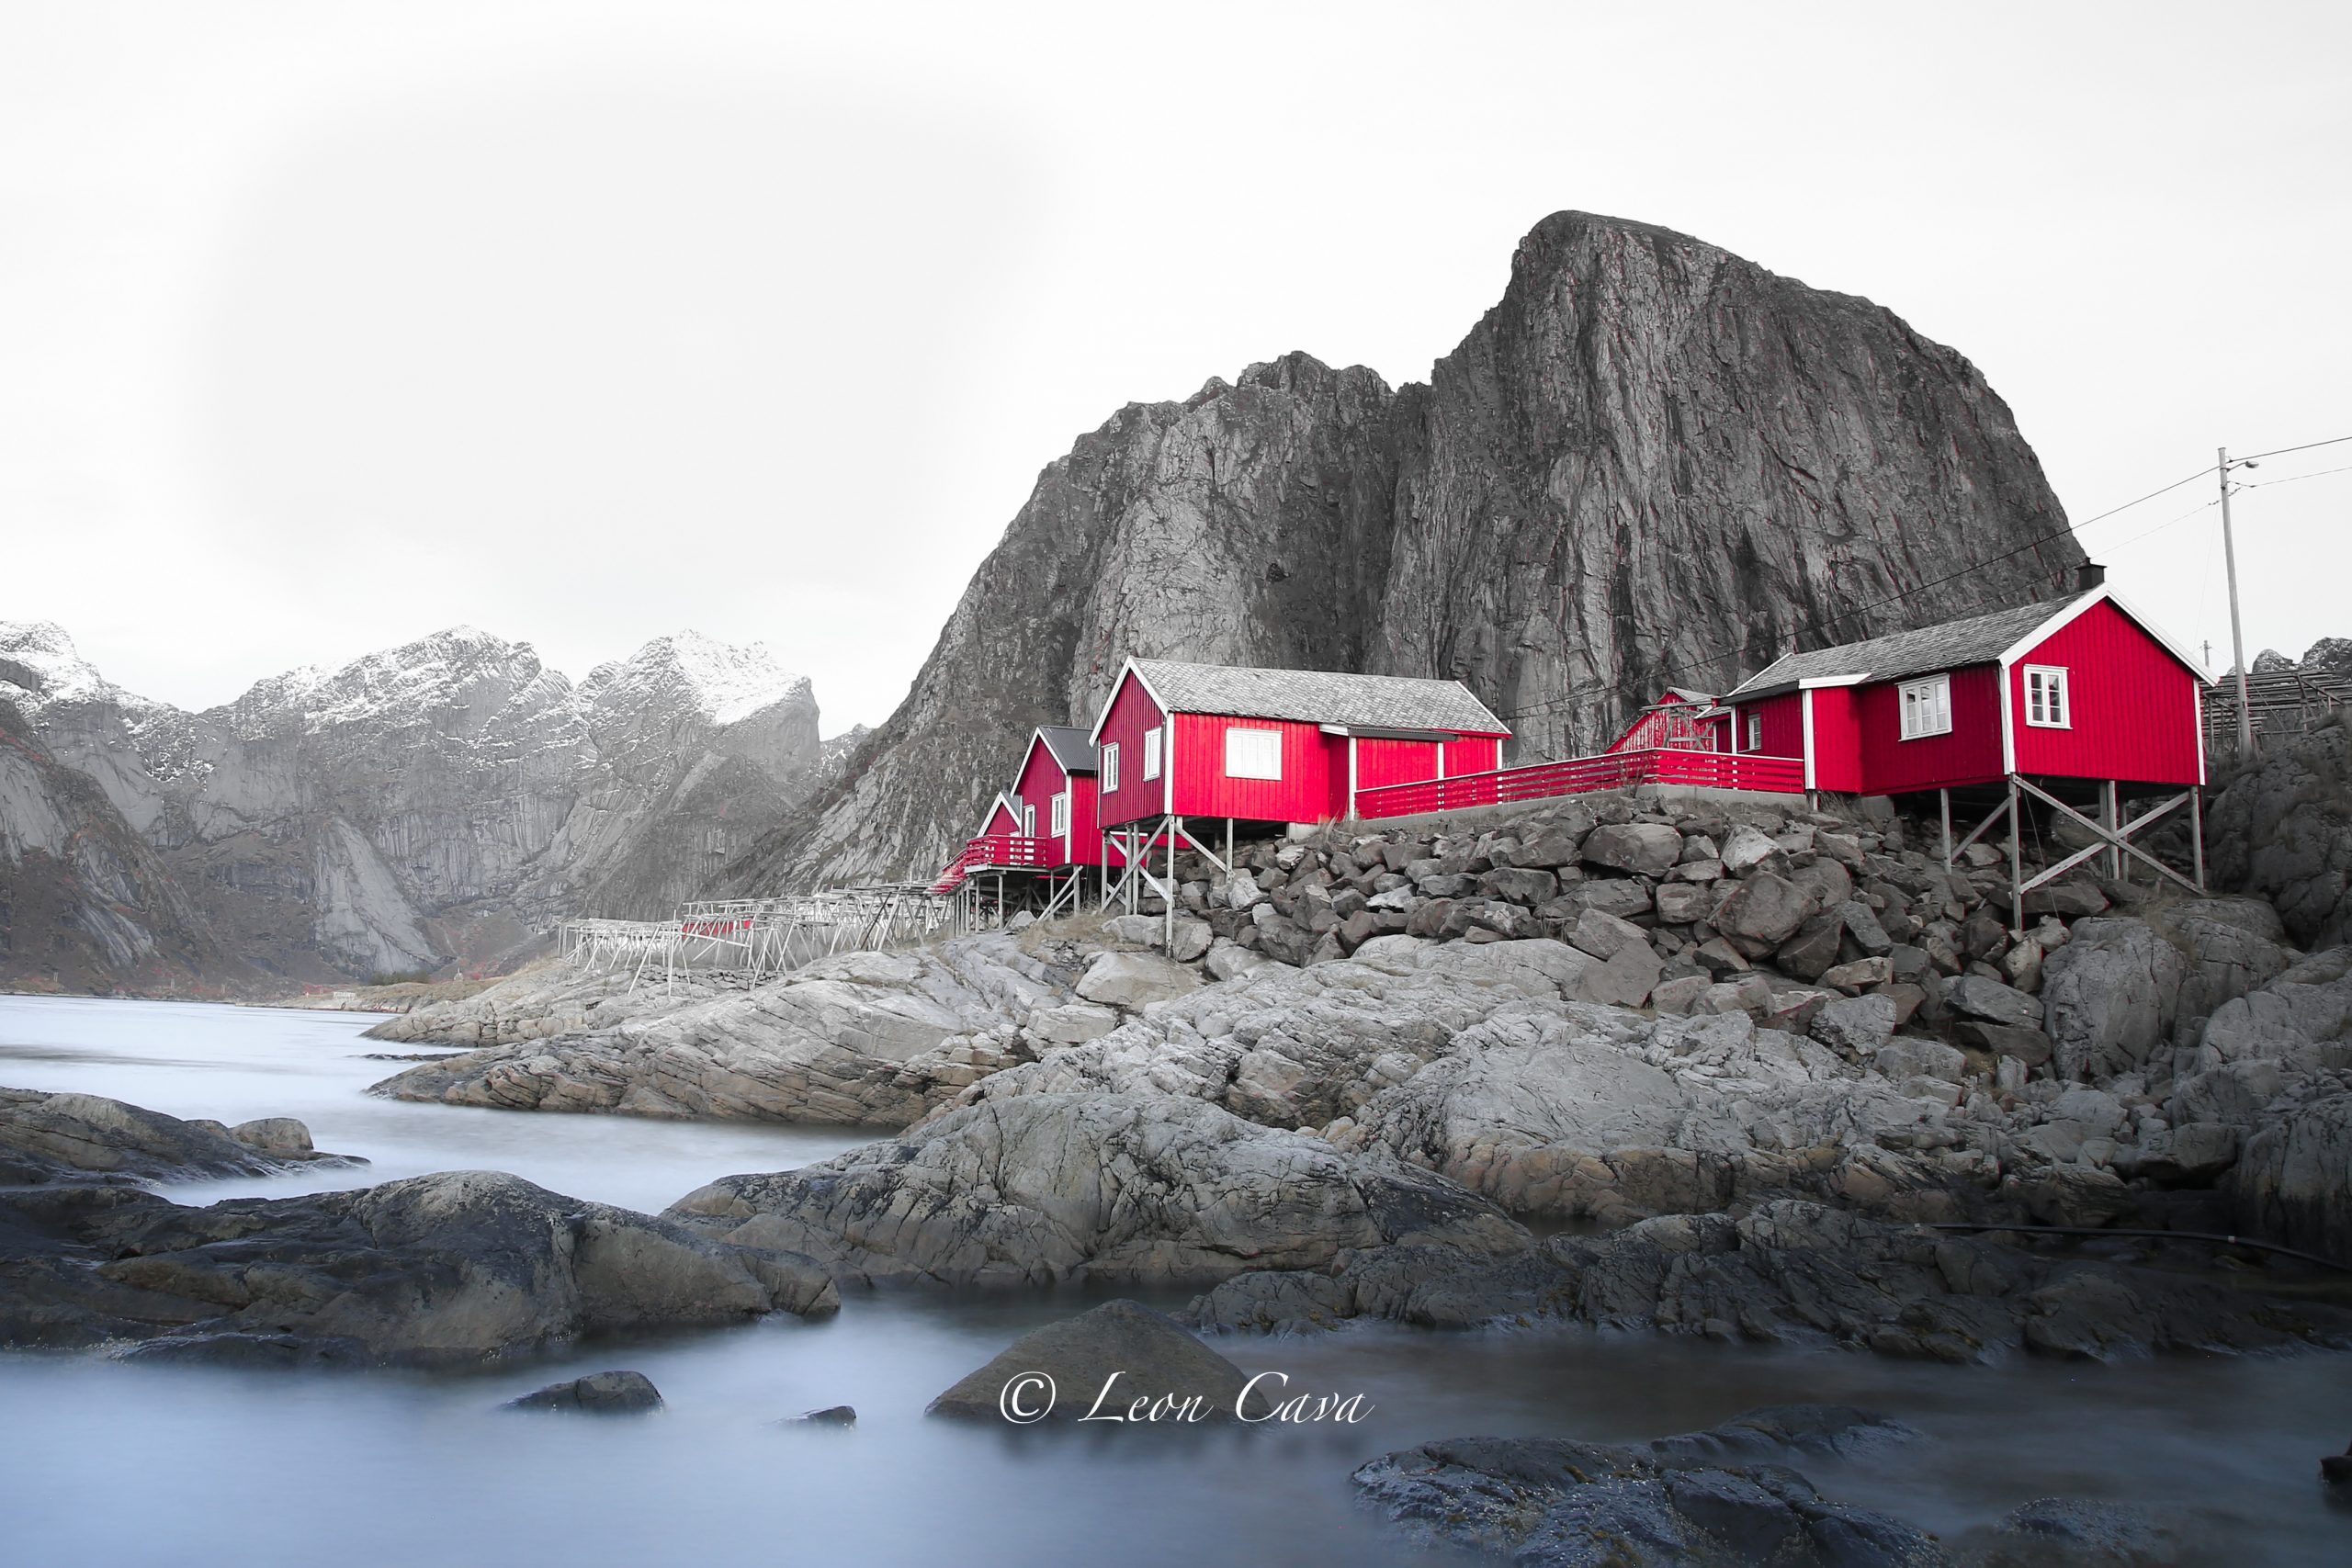 Viaggi fotografici: isole Lofoten 1-7 novembre 2021